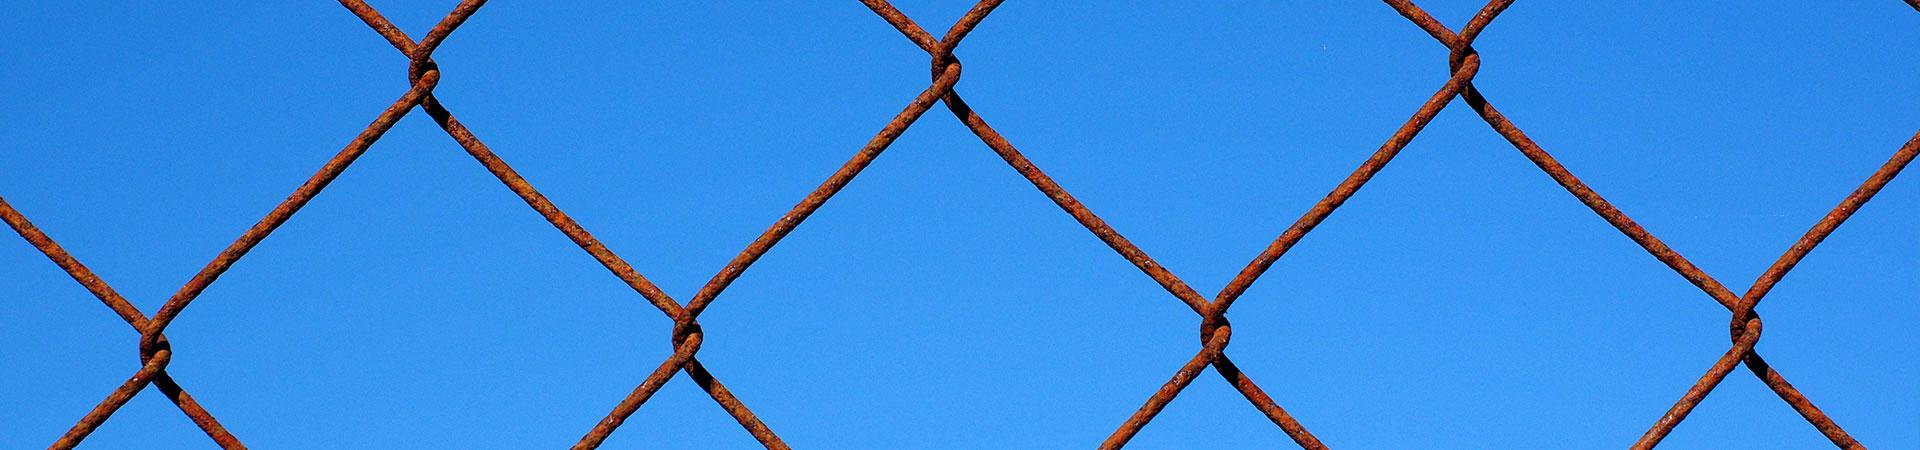 7 pasos para mejorar la seguridad de tu sitio web creado en CMS - Parte 2